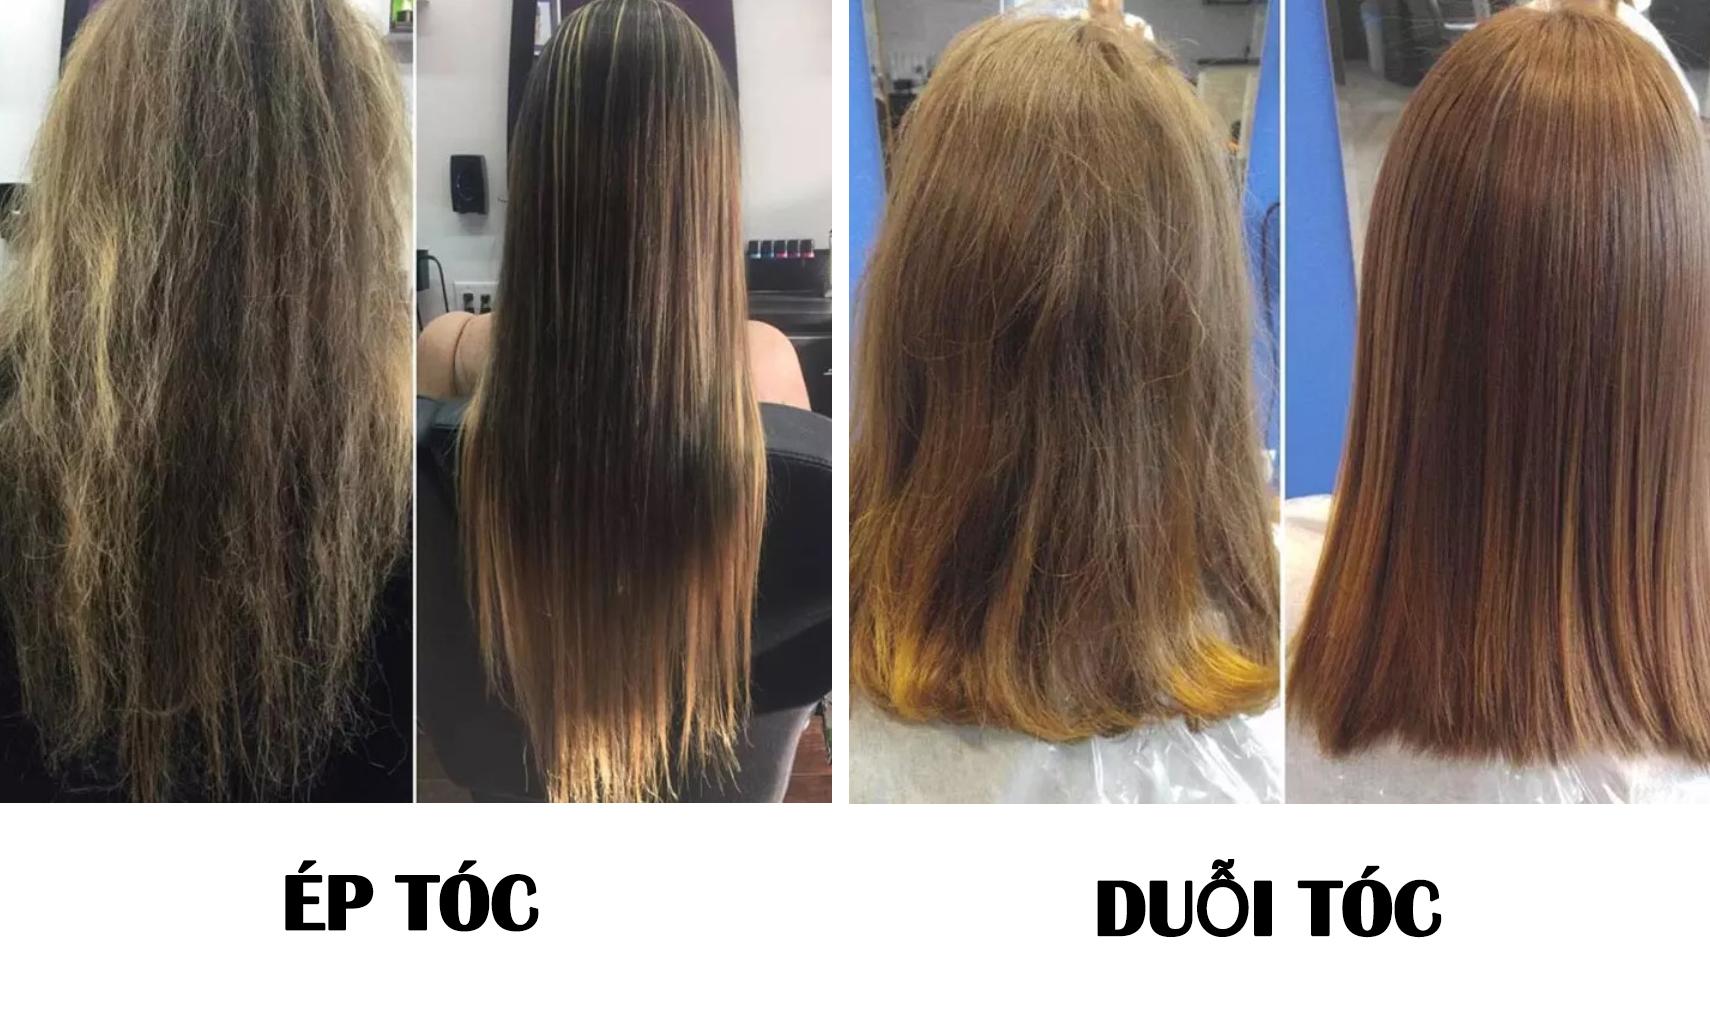 Ép tóc sẽ làm tóc thẳng có phần tự nhiên hơn khi so sánh với duỗi tóc